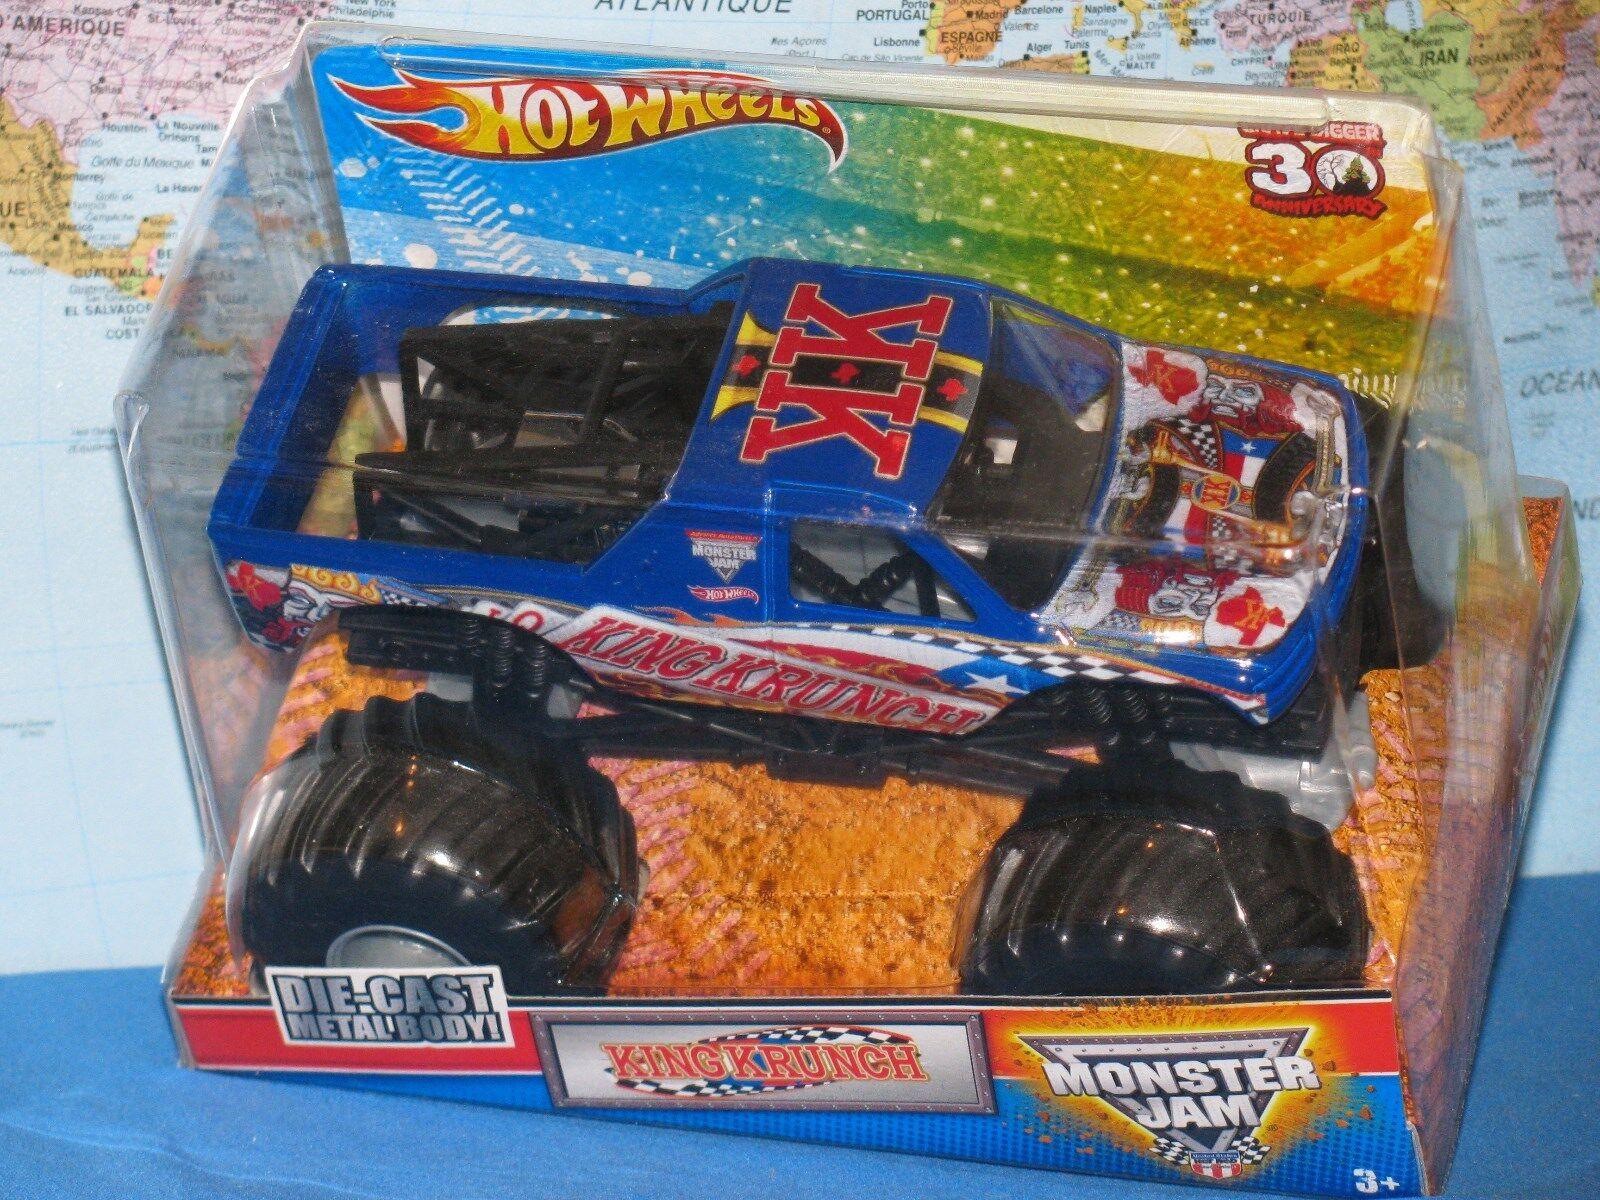 muchas sorpresas 1 1 1 24 Hot Wheels Mermelada de Monstruo Rey Krunch Camión 30 Aniversario  Ahorre 60% de descuento y envío rápido a todo el mundo.